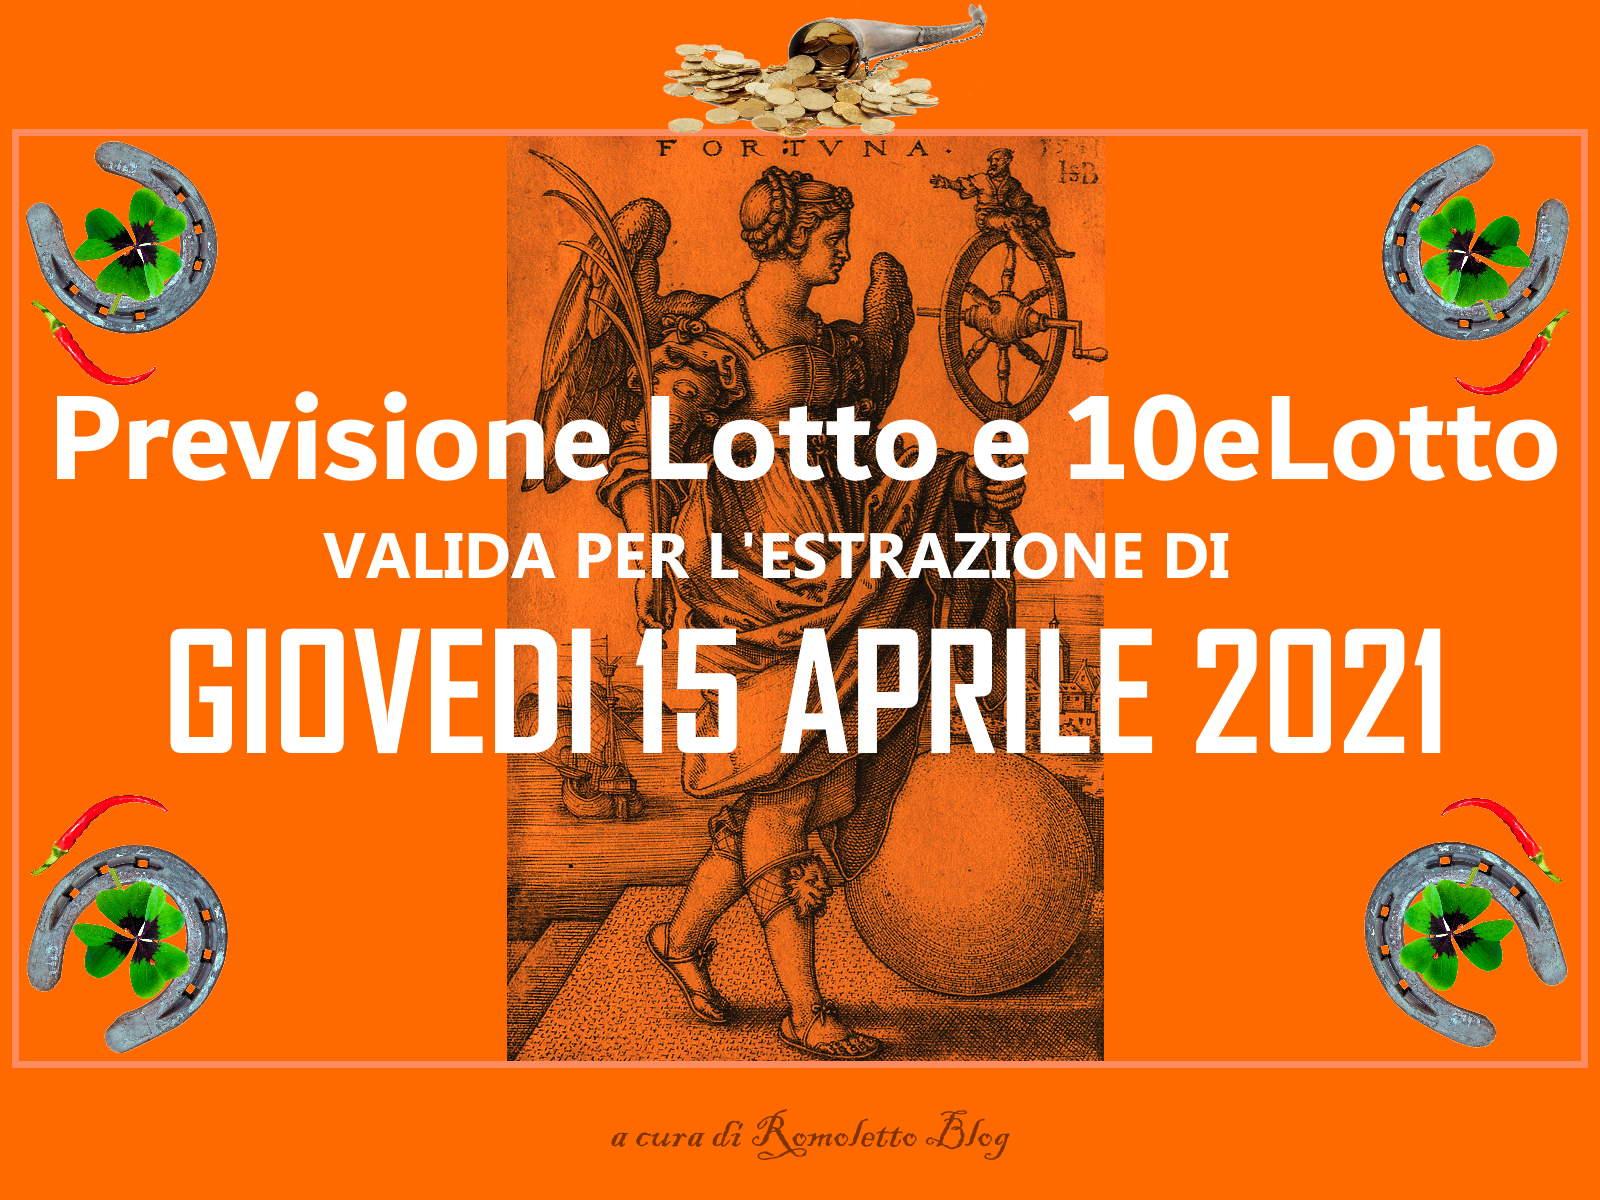 Previsione Lotto 15 Aprile 2021